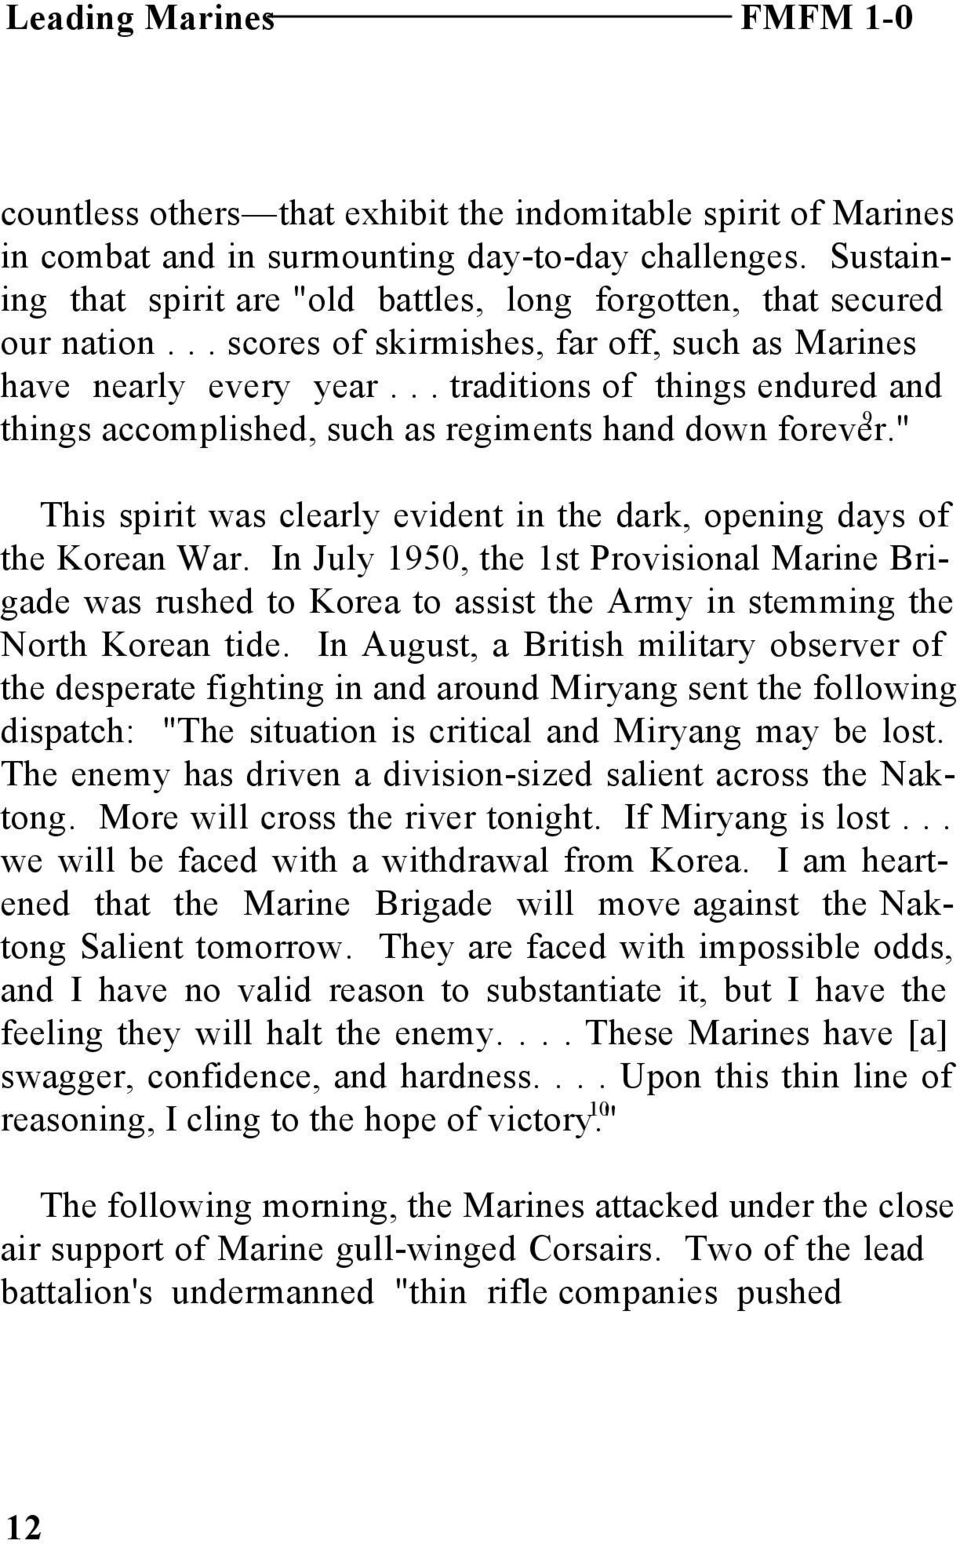 Leading Marines Pdf